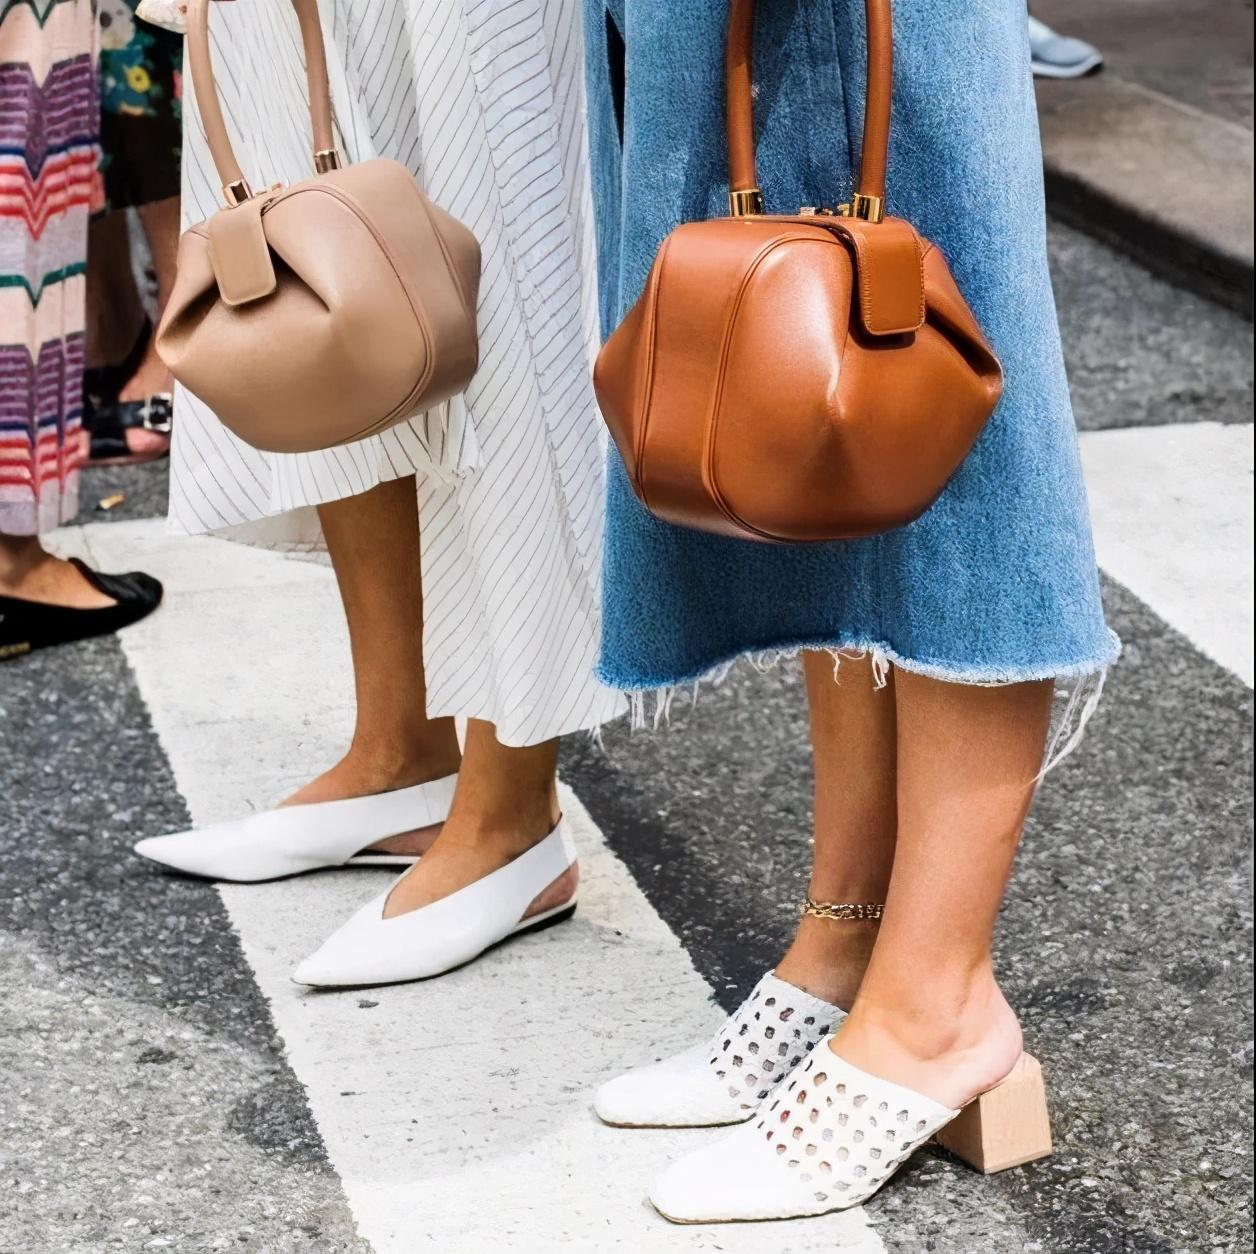 走路不舒服?这双鞋是春夏必备单品,太好穿了